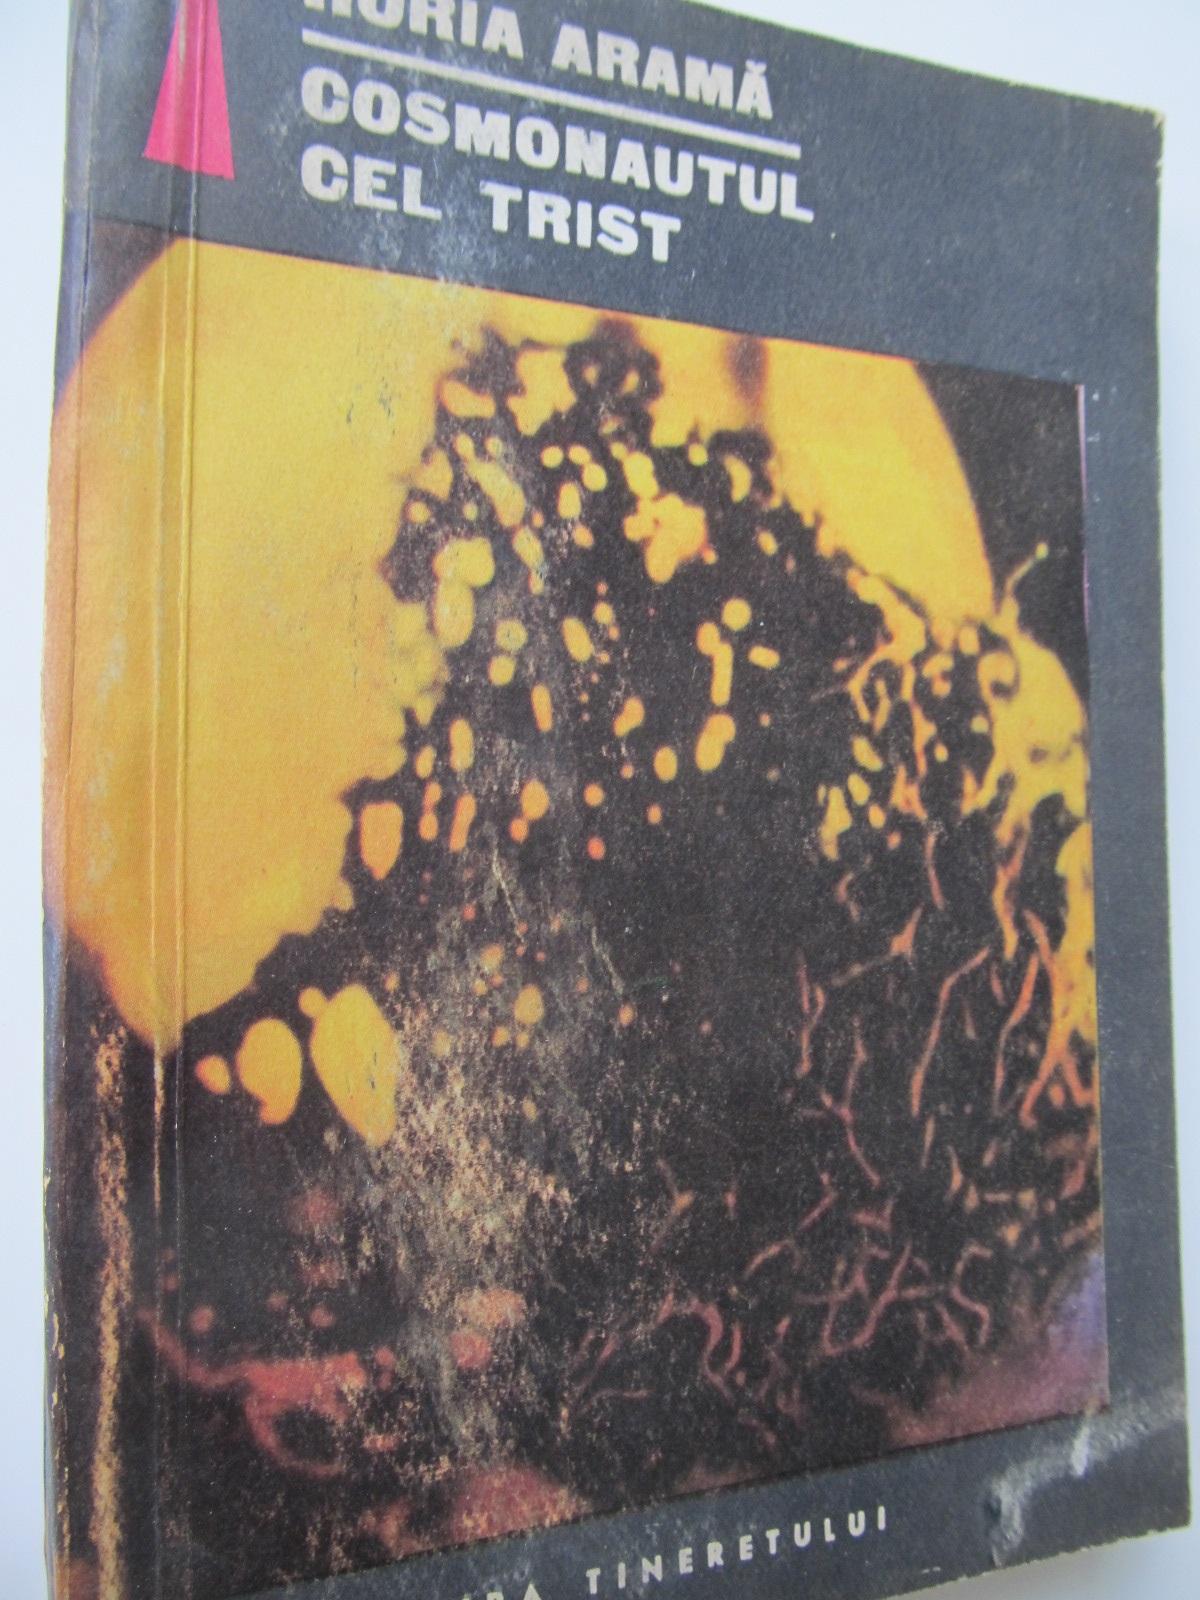 Cosmonautul cel trist - Horia Arama | Detalii carte